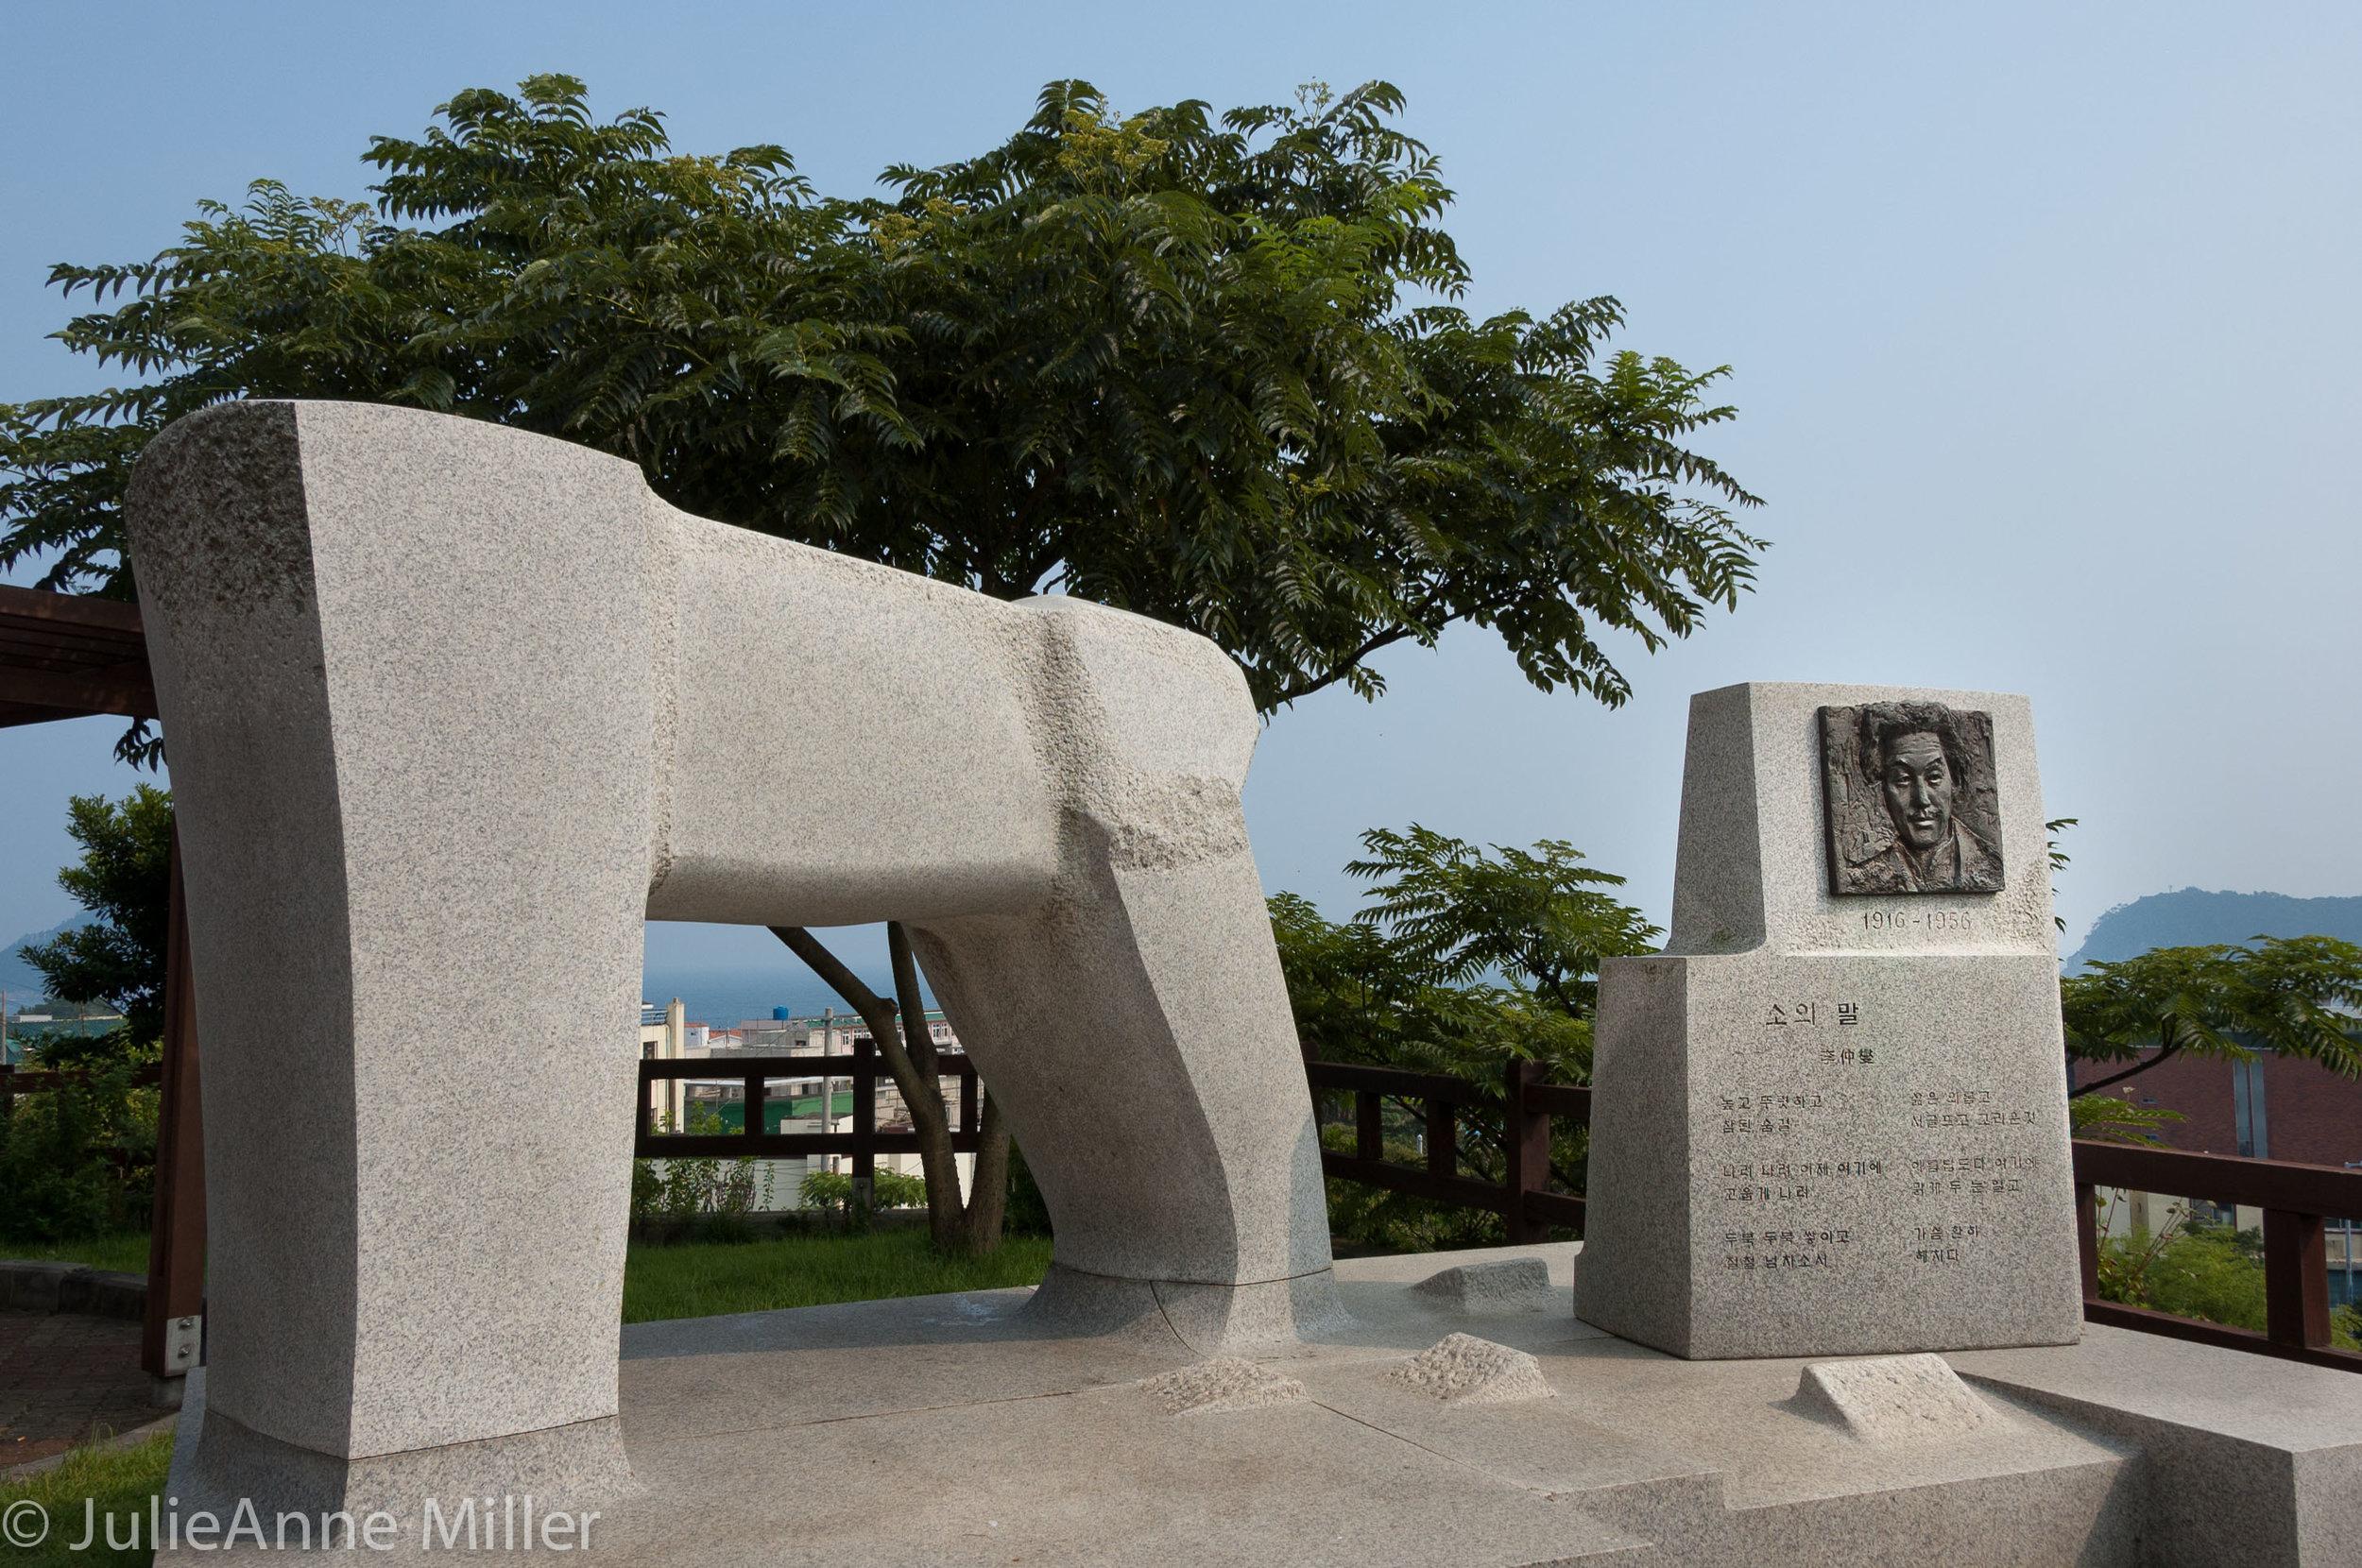 Lee Joong Seop memorial (이중섭), Jeju Island